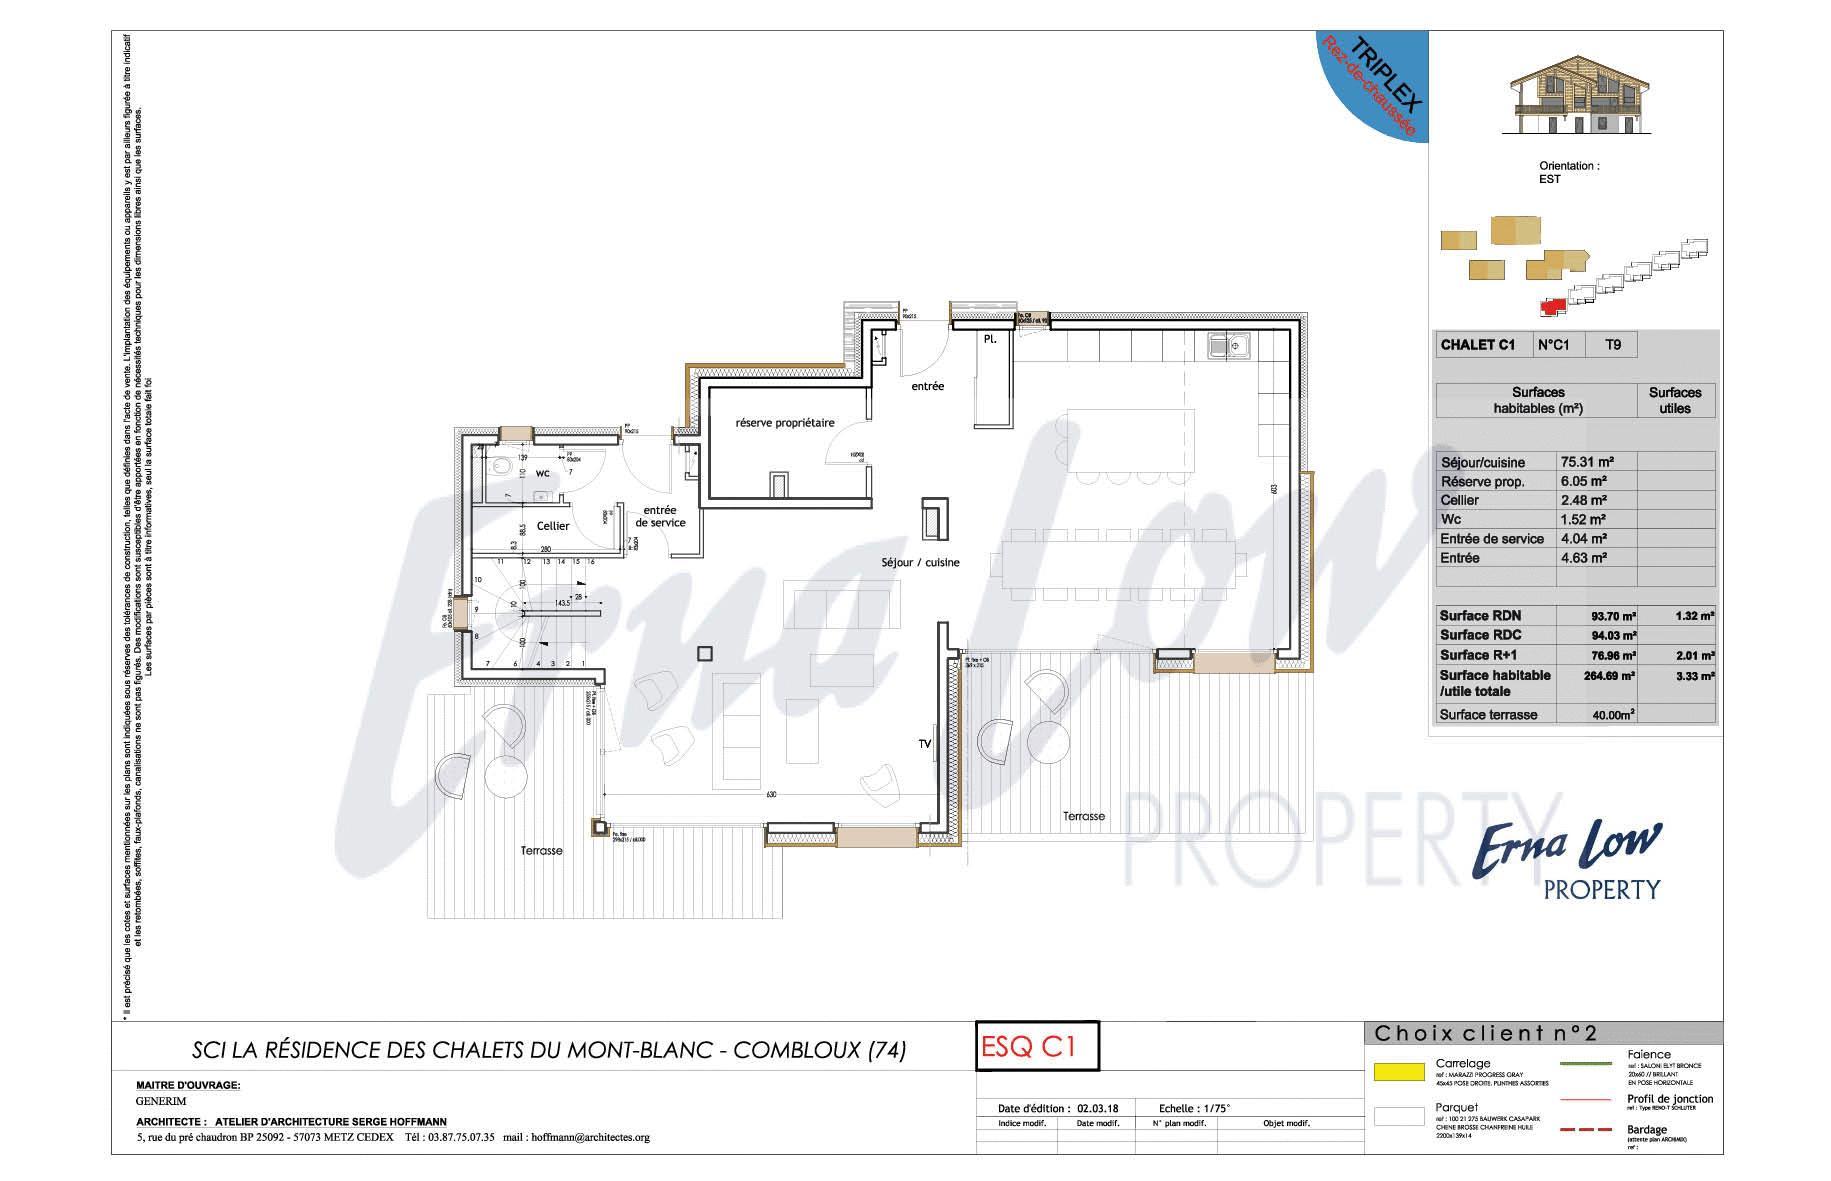 COMBLOUX - CHALETS - LES FERMES DU MONT BLANC (5 BED) EVASION MONT BLANC